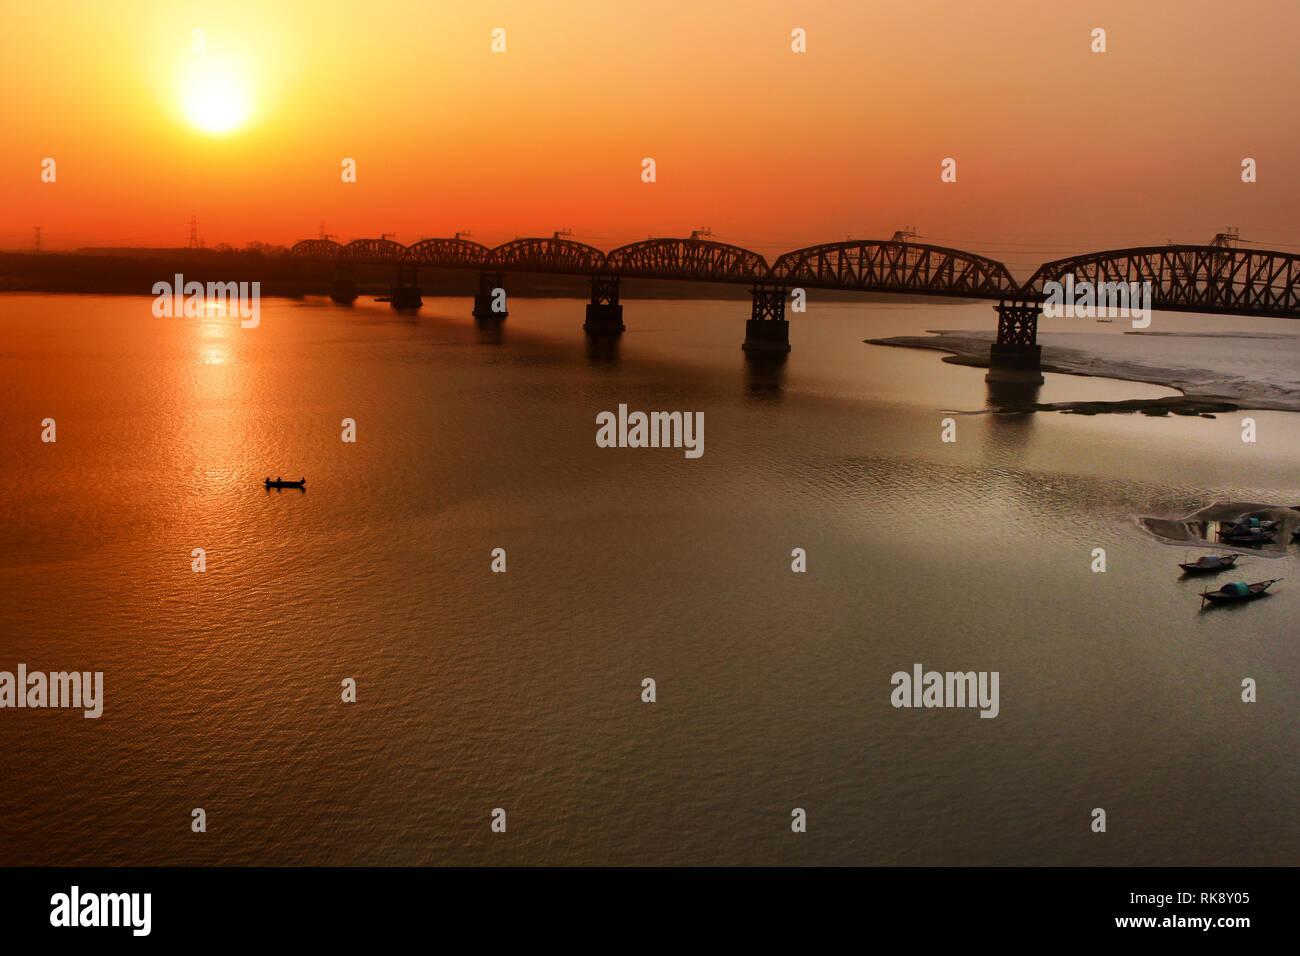 Il lungo 1,8 chilometri Hardinge ponte sopra il fiume Padma. È stato costruito nel 1912 dall'ingegnere britannico Sir Robert Gailes e nominato dopo il signore Michael Immagini Stock